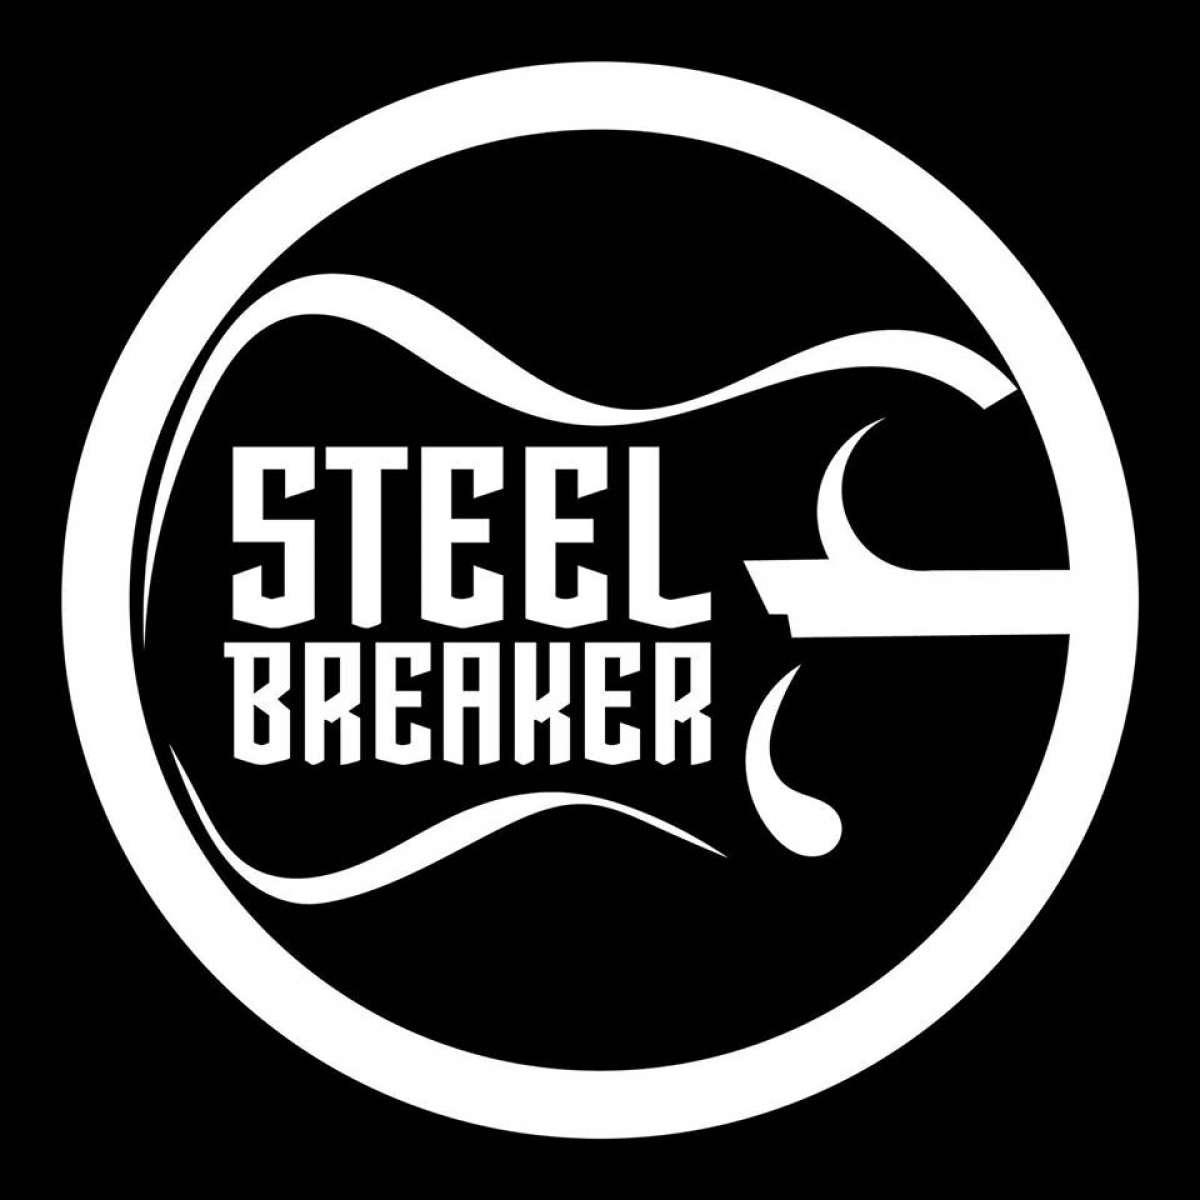 Steelbreaker - Hotzenplotz Vasbeck - Diemelsee-Vasbeck